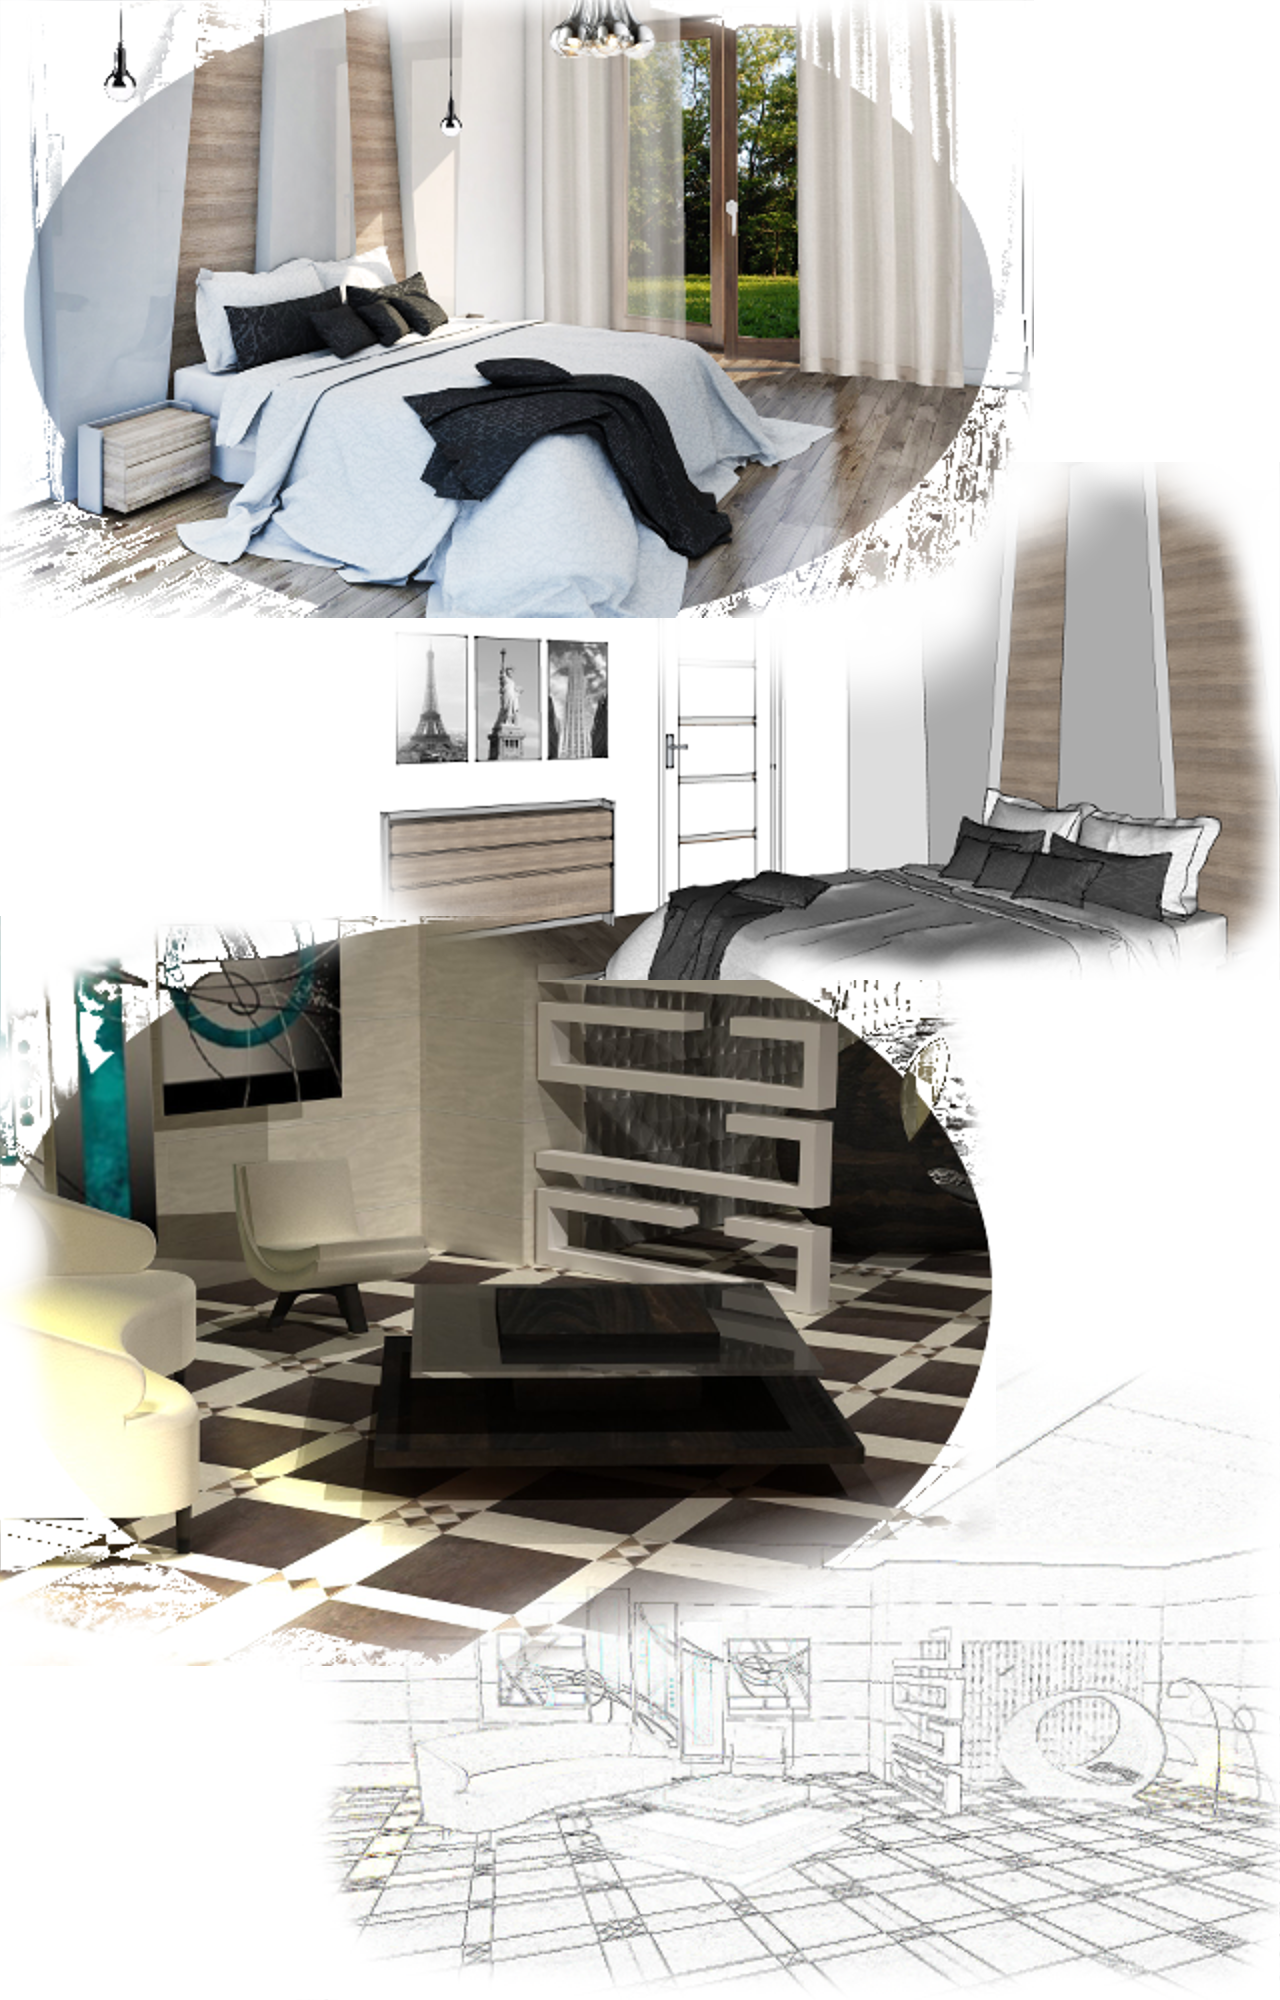 architektura_baner